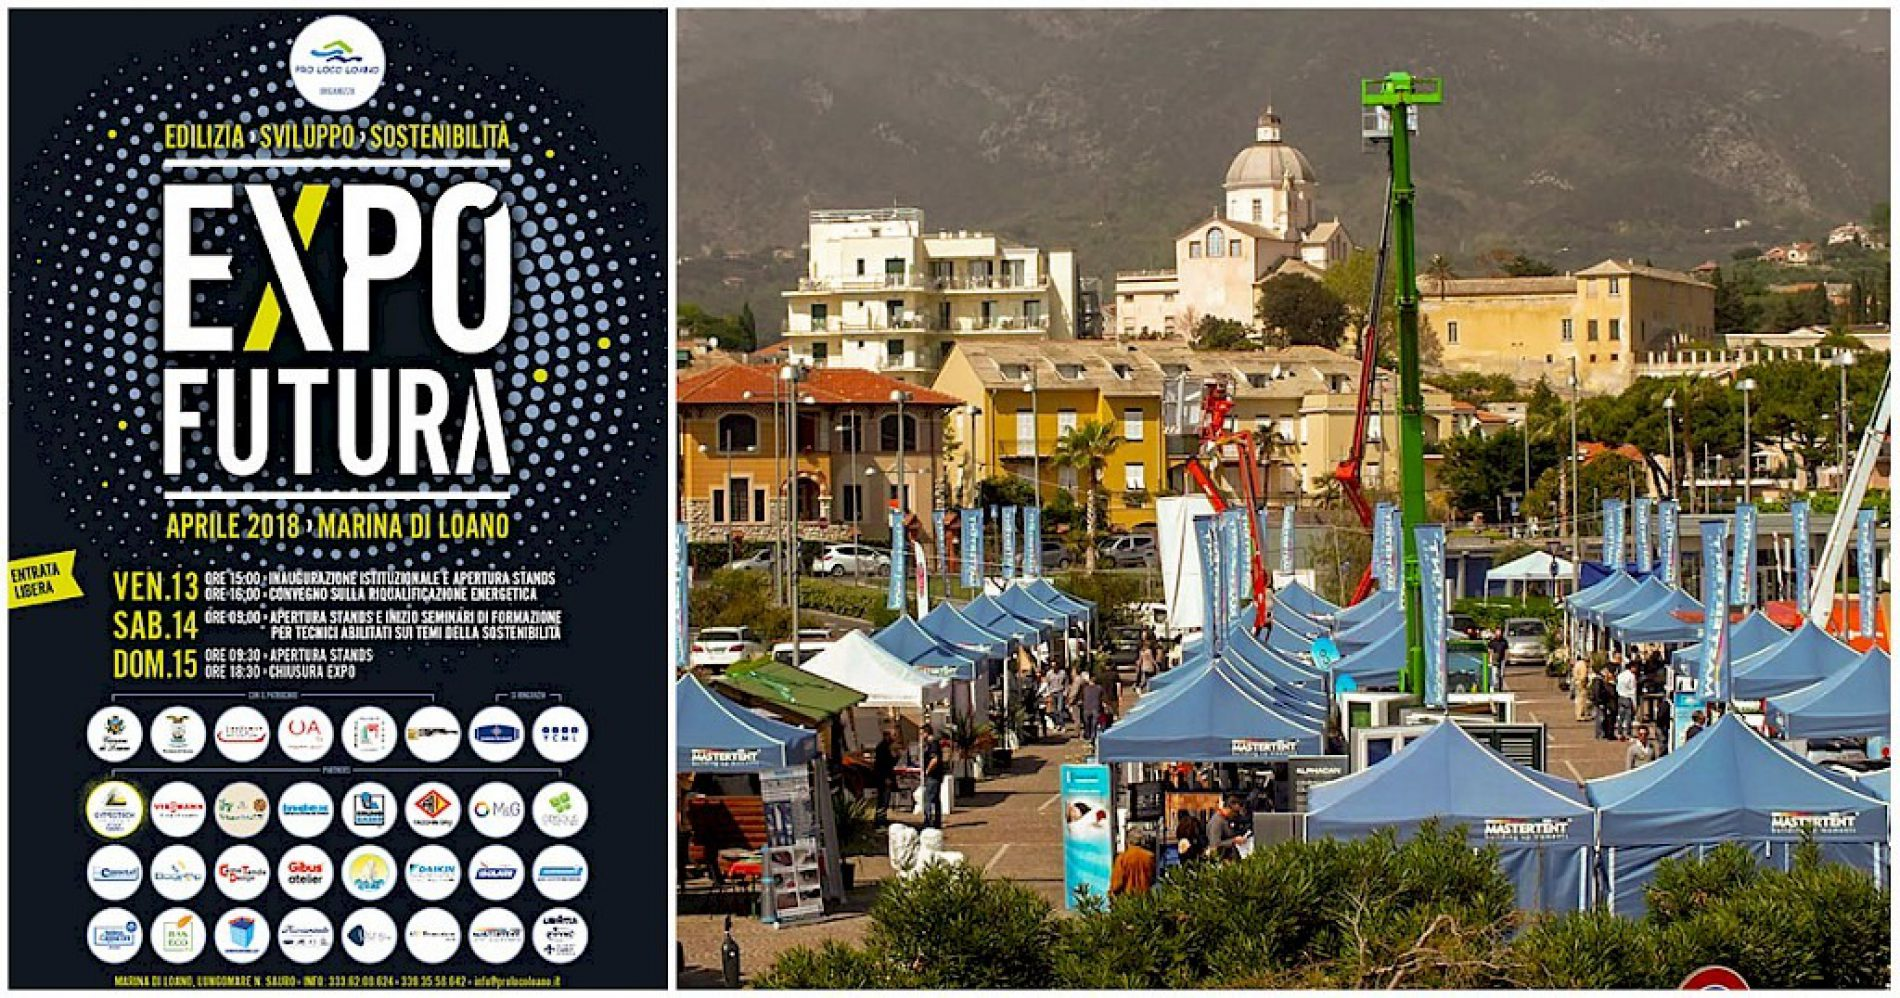 Expo Futura a Loano